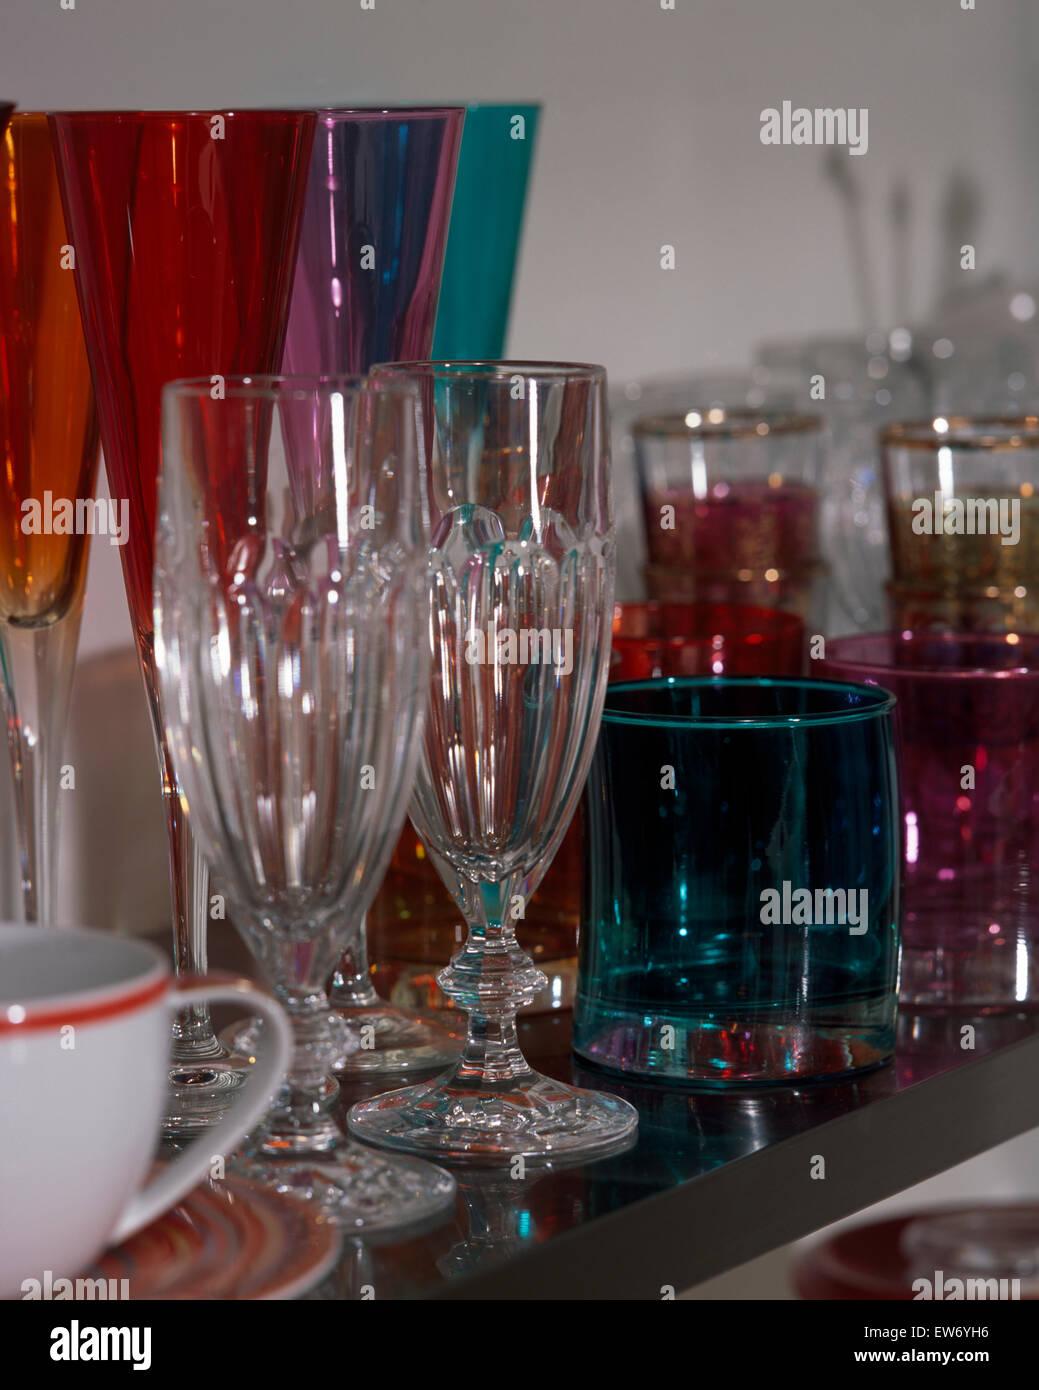 Nahaufnahme einer Sammlung von klare und farbige Gläser Stockbild